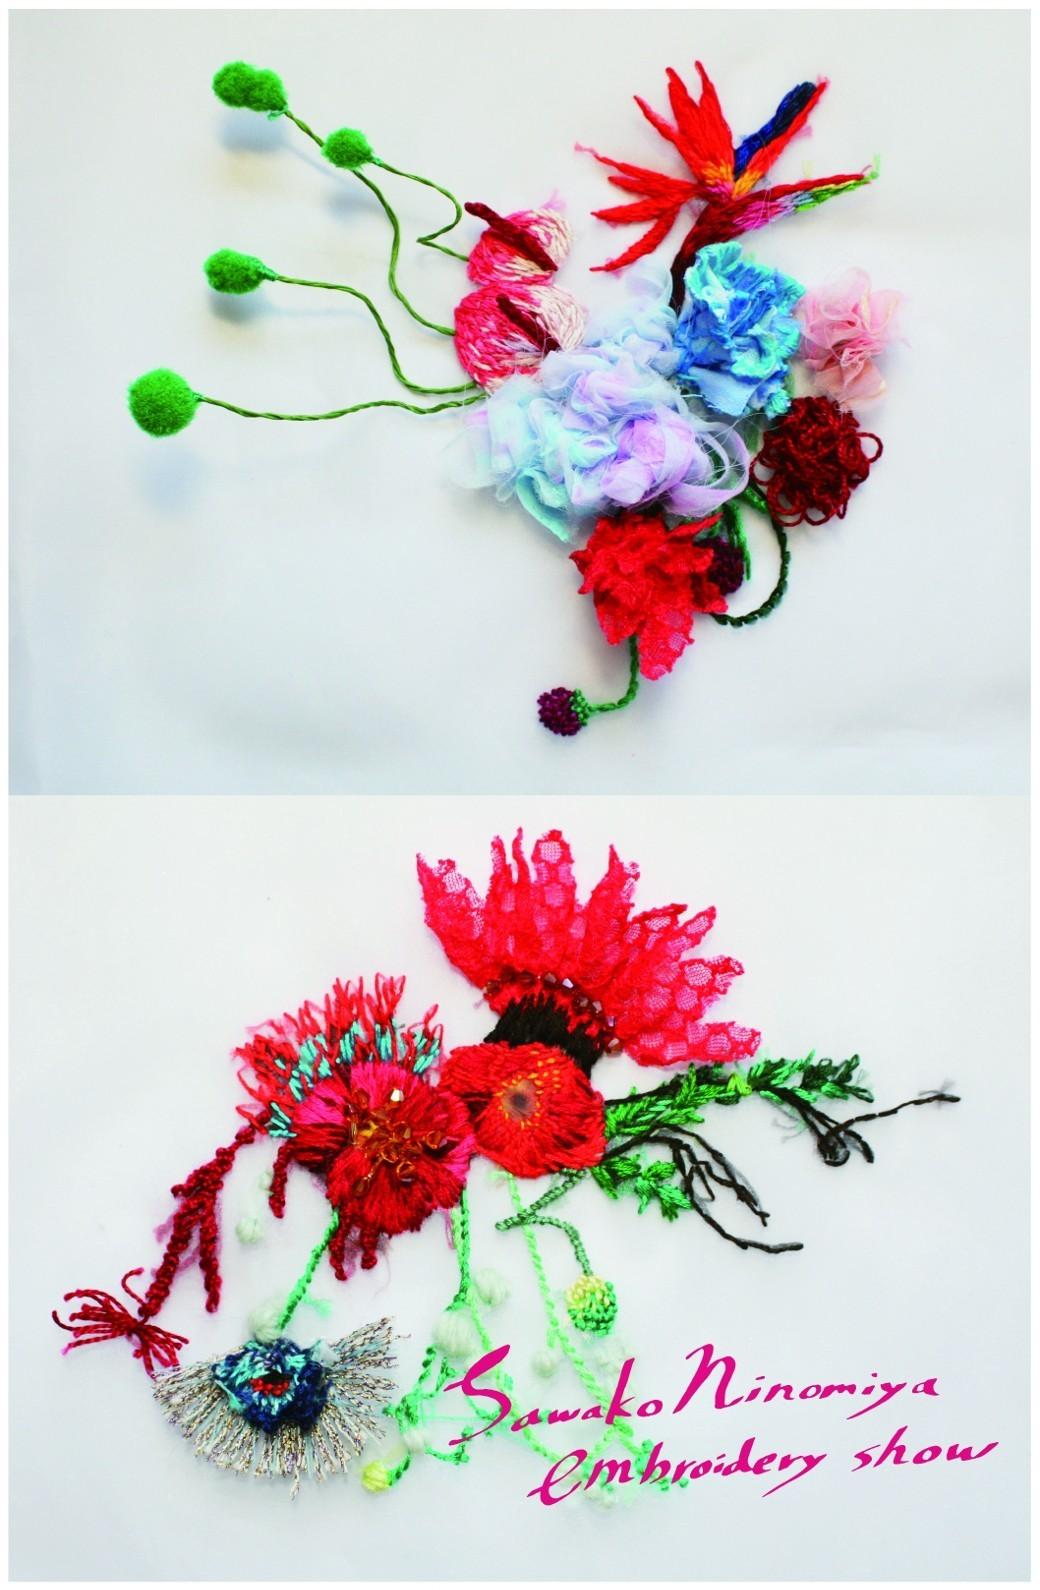 haco! haco! [haco! POST] 刺繍アーティスト二宮佐和子さんとみんなでワイワイ刺繍!zoom縫いワークショップ参加チケット 6/21・6/24開催<micro macro> <その他>の商品写真14